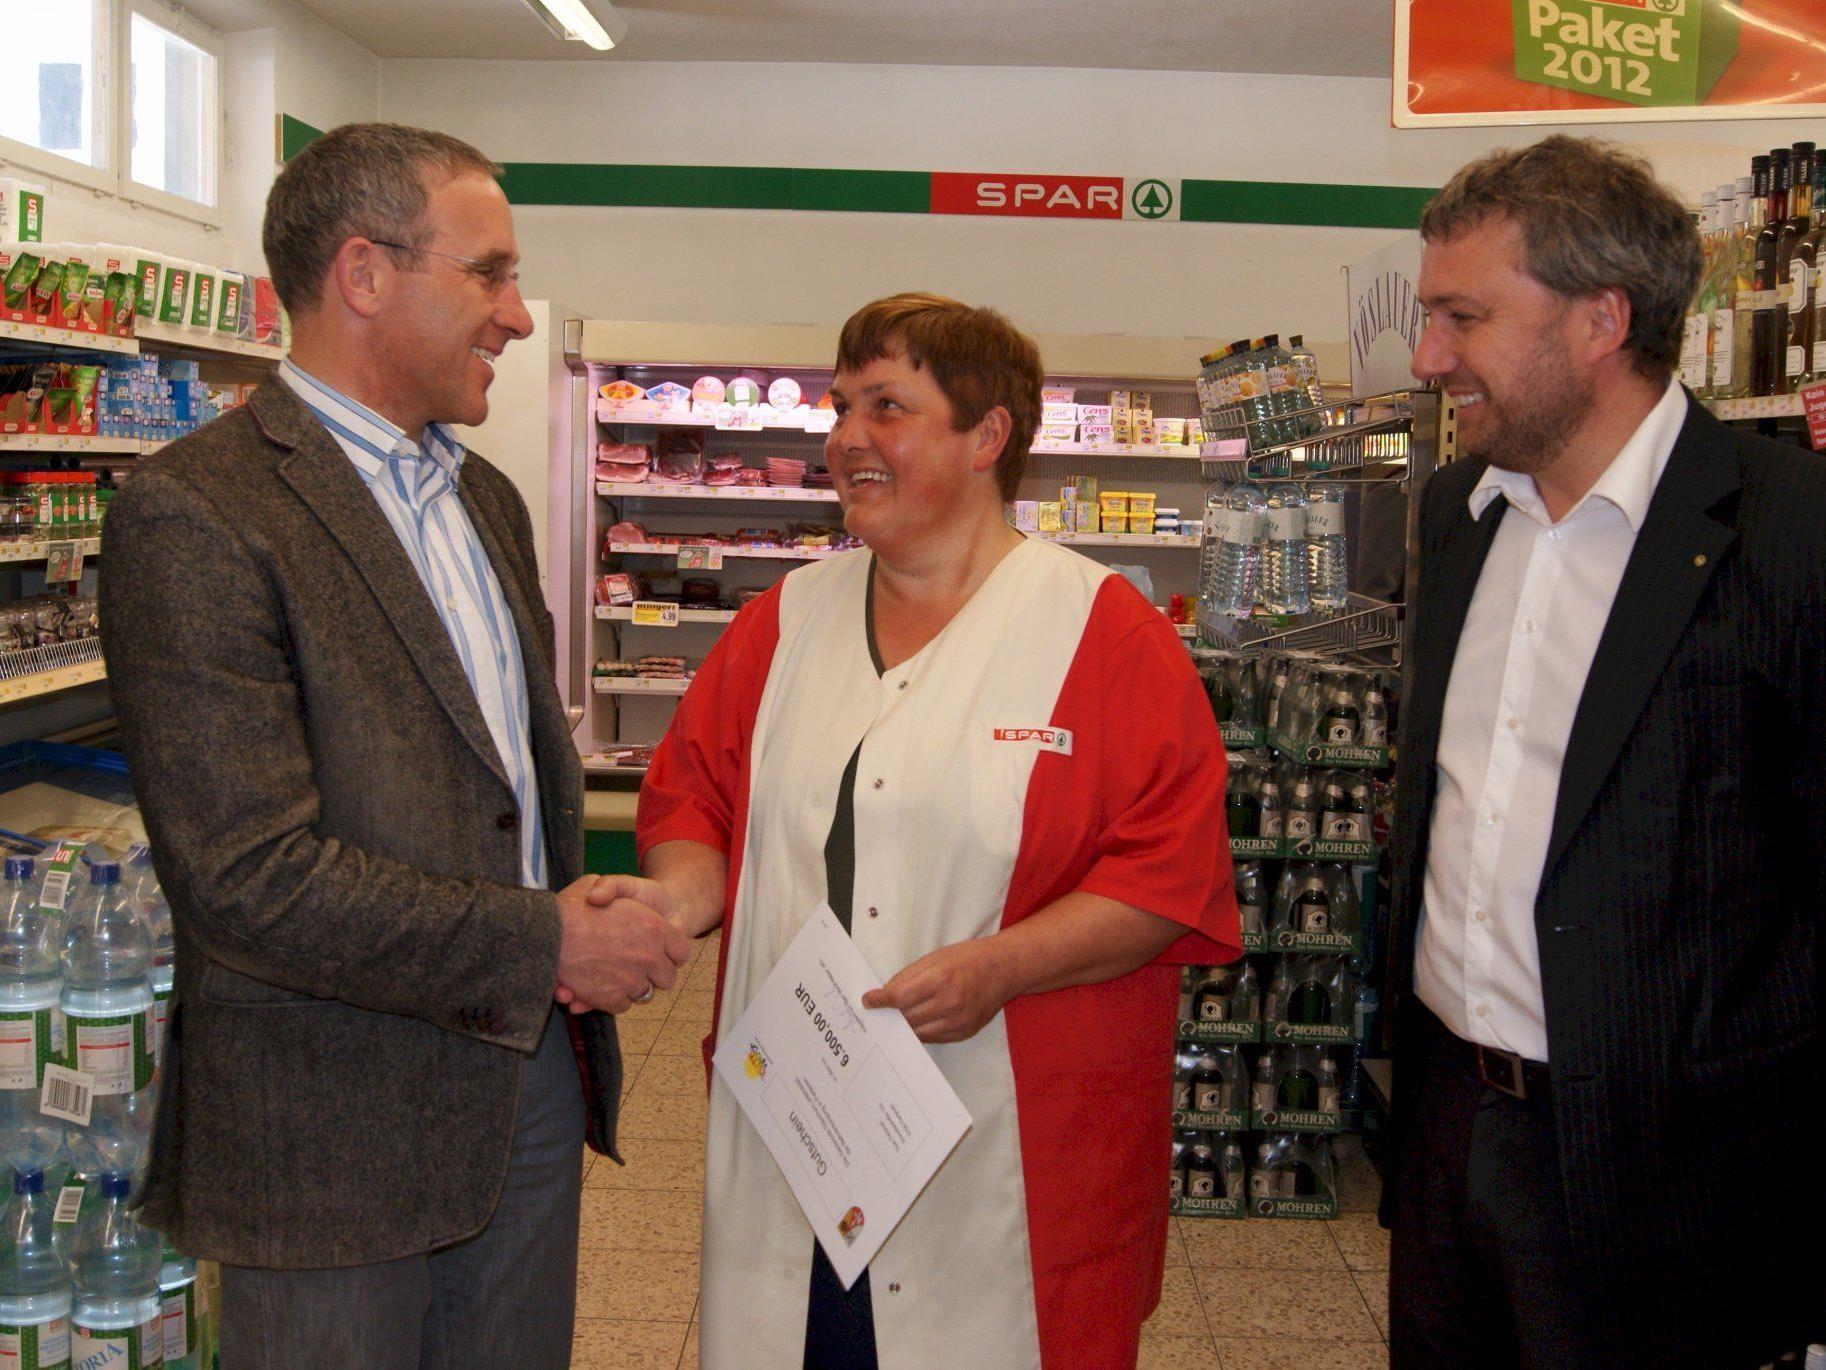 Geschäftsführerin Andrea Felder mit Bürgermeister Martin Netzer (l.) und Spar Vertriebsleiter Thomas Schwärzler